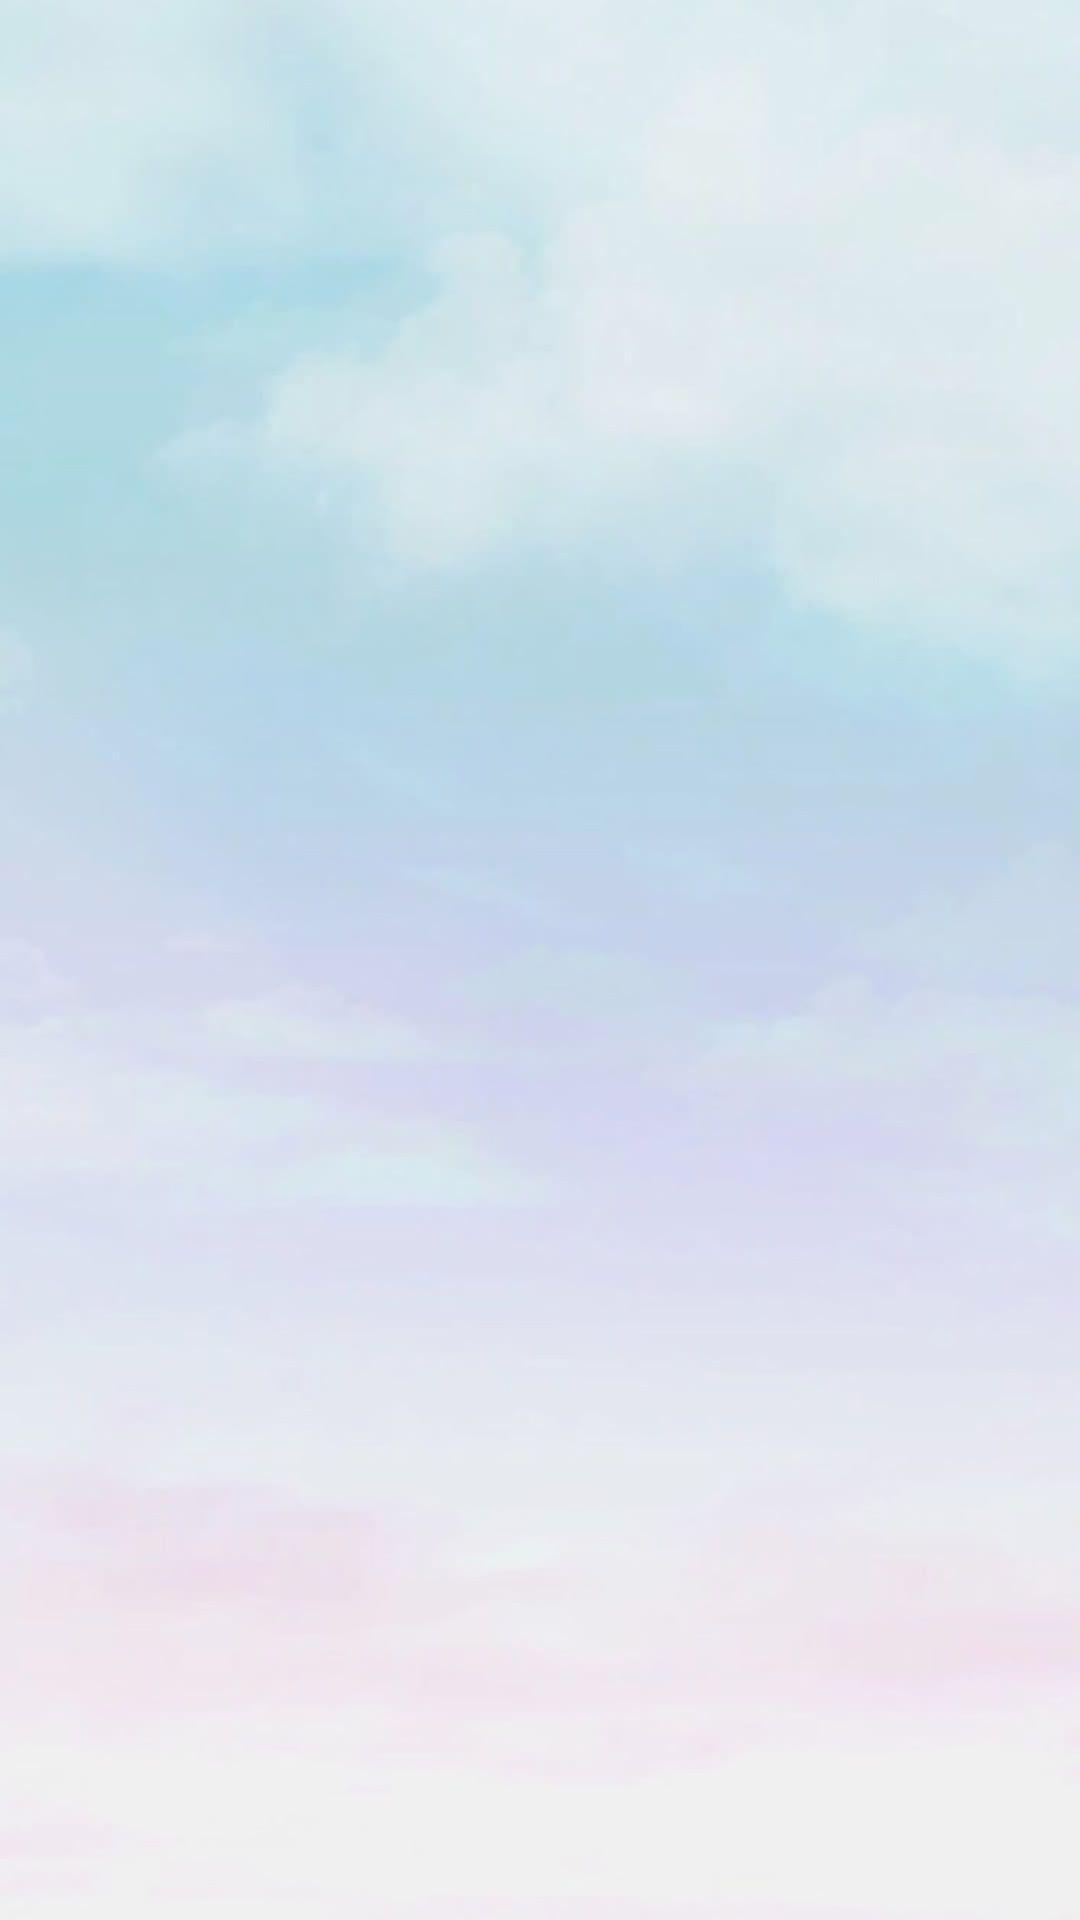 パステルカラー Pastel Color Japaneseclass Jp